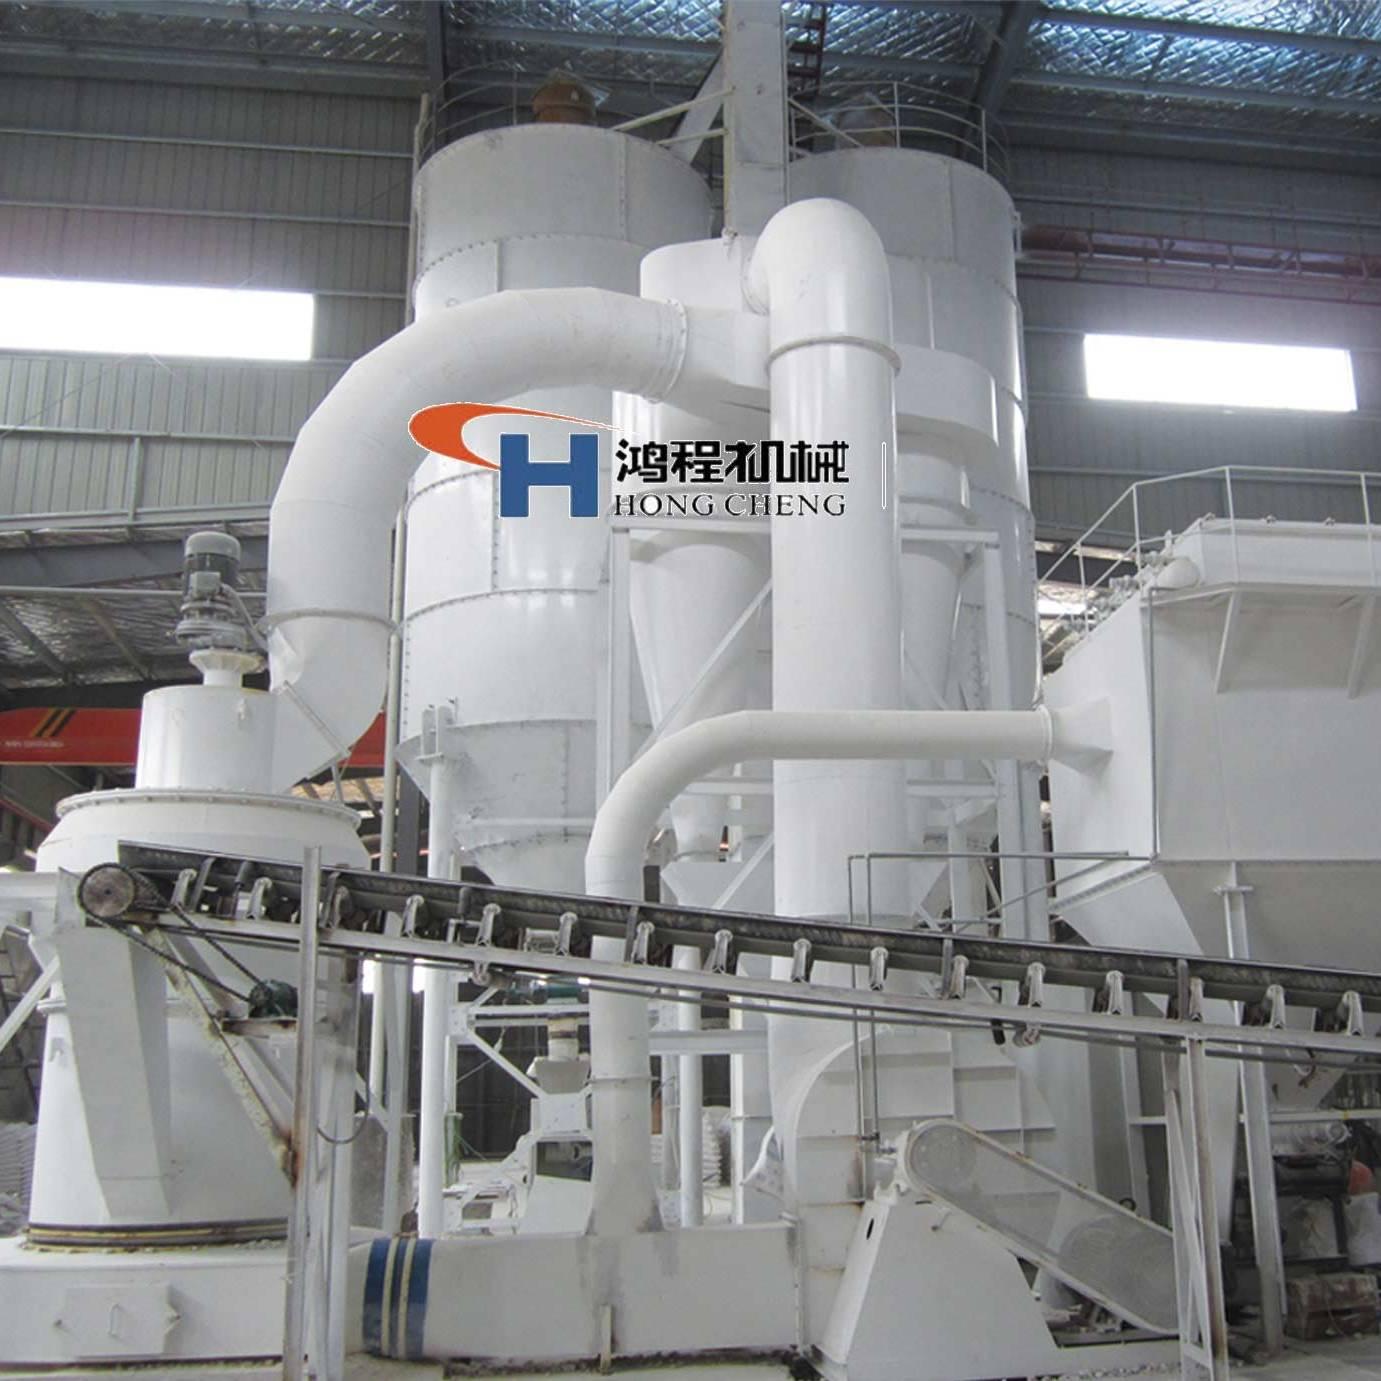 桂林鸿程供应雷蒙磨粉机大型摆式矿石磨粉机大理石重晶石磨粉设备